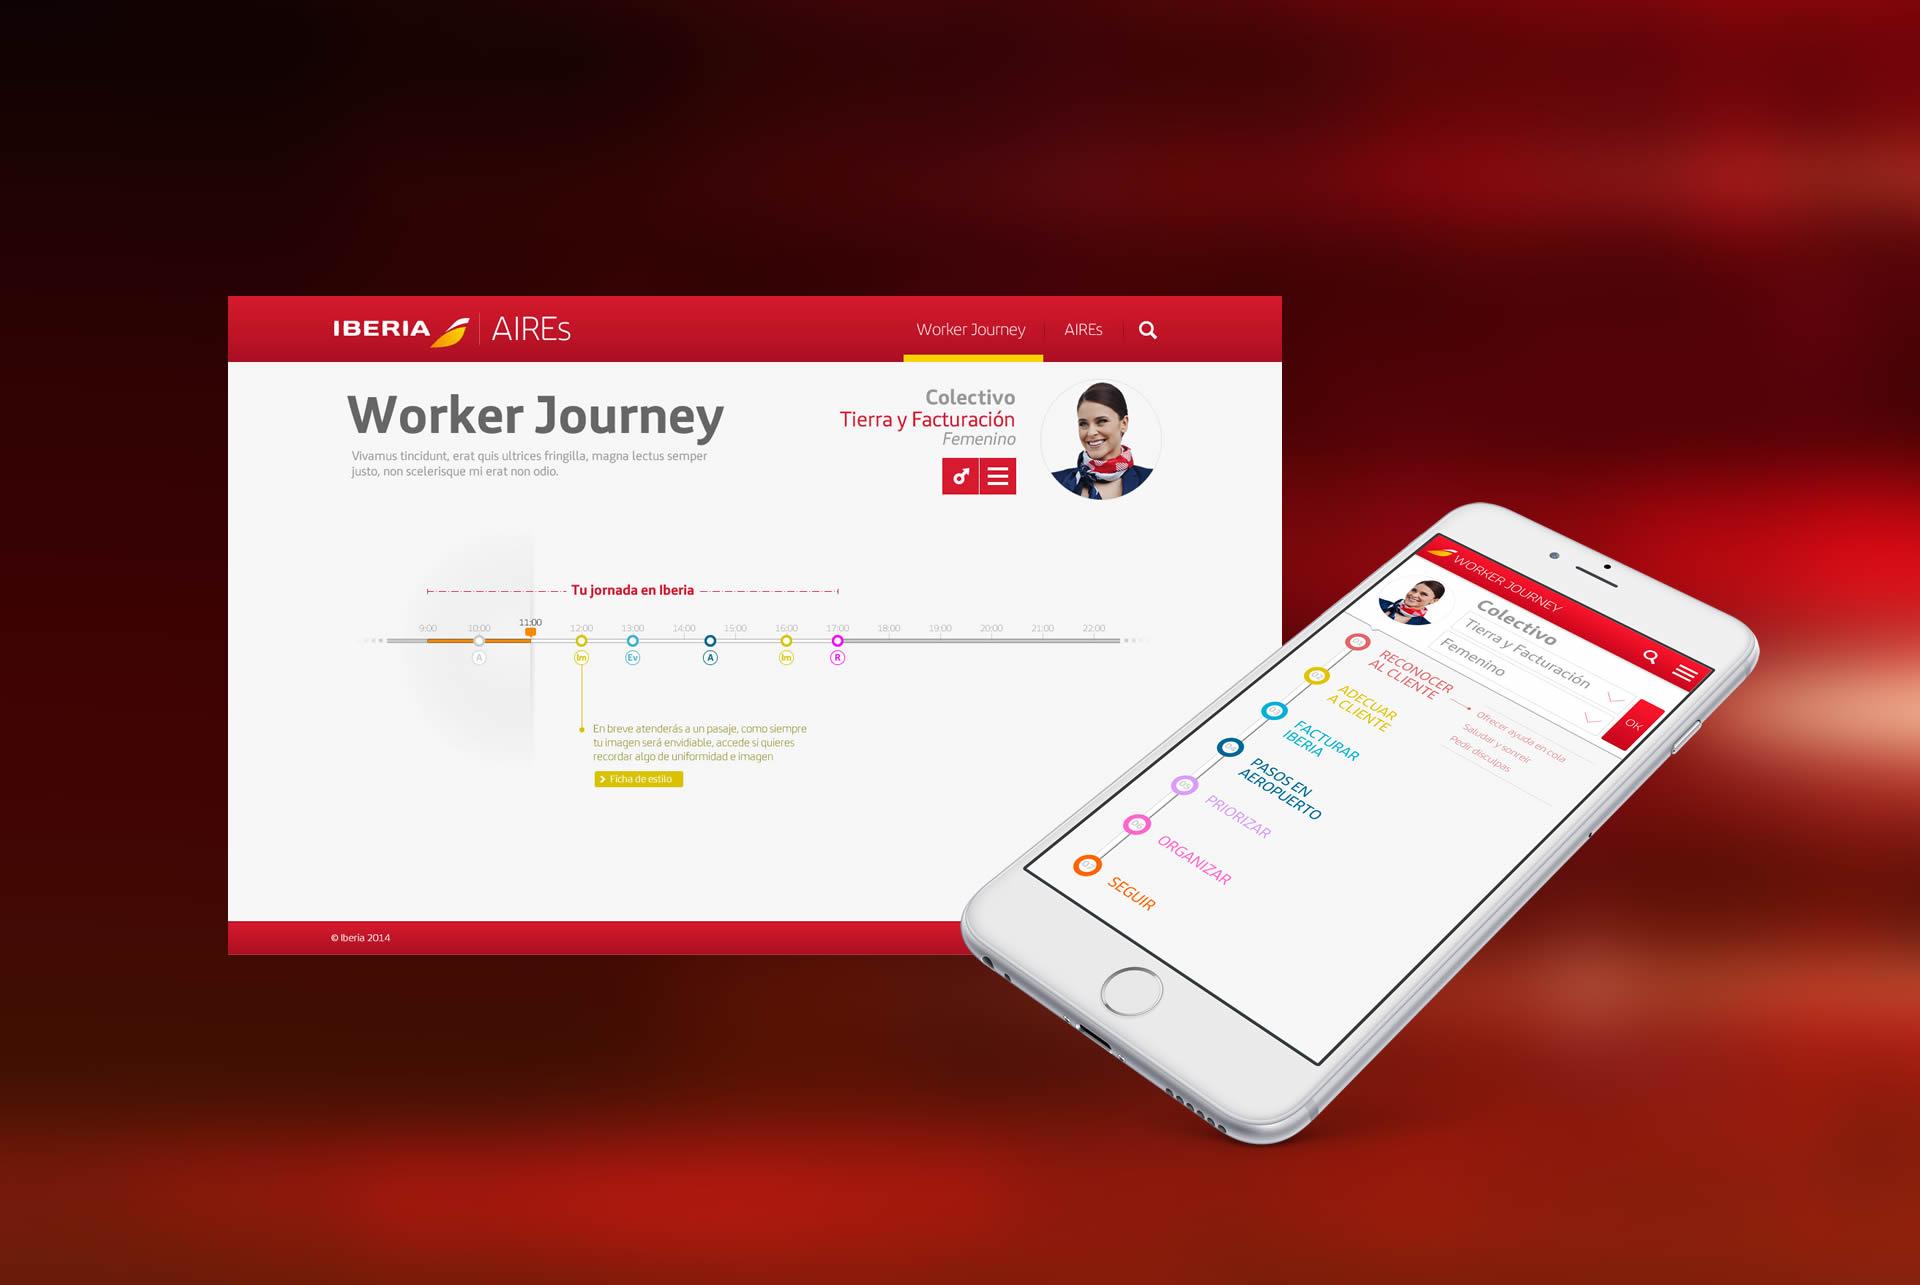 iberia-cx-experiencia-cliente-babel-apttitud-app-hibrida-phonegap